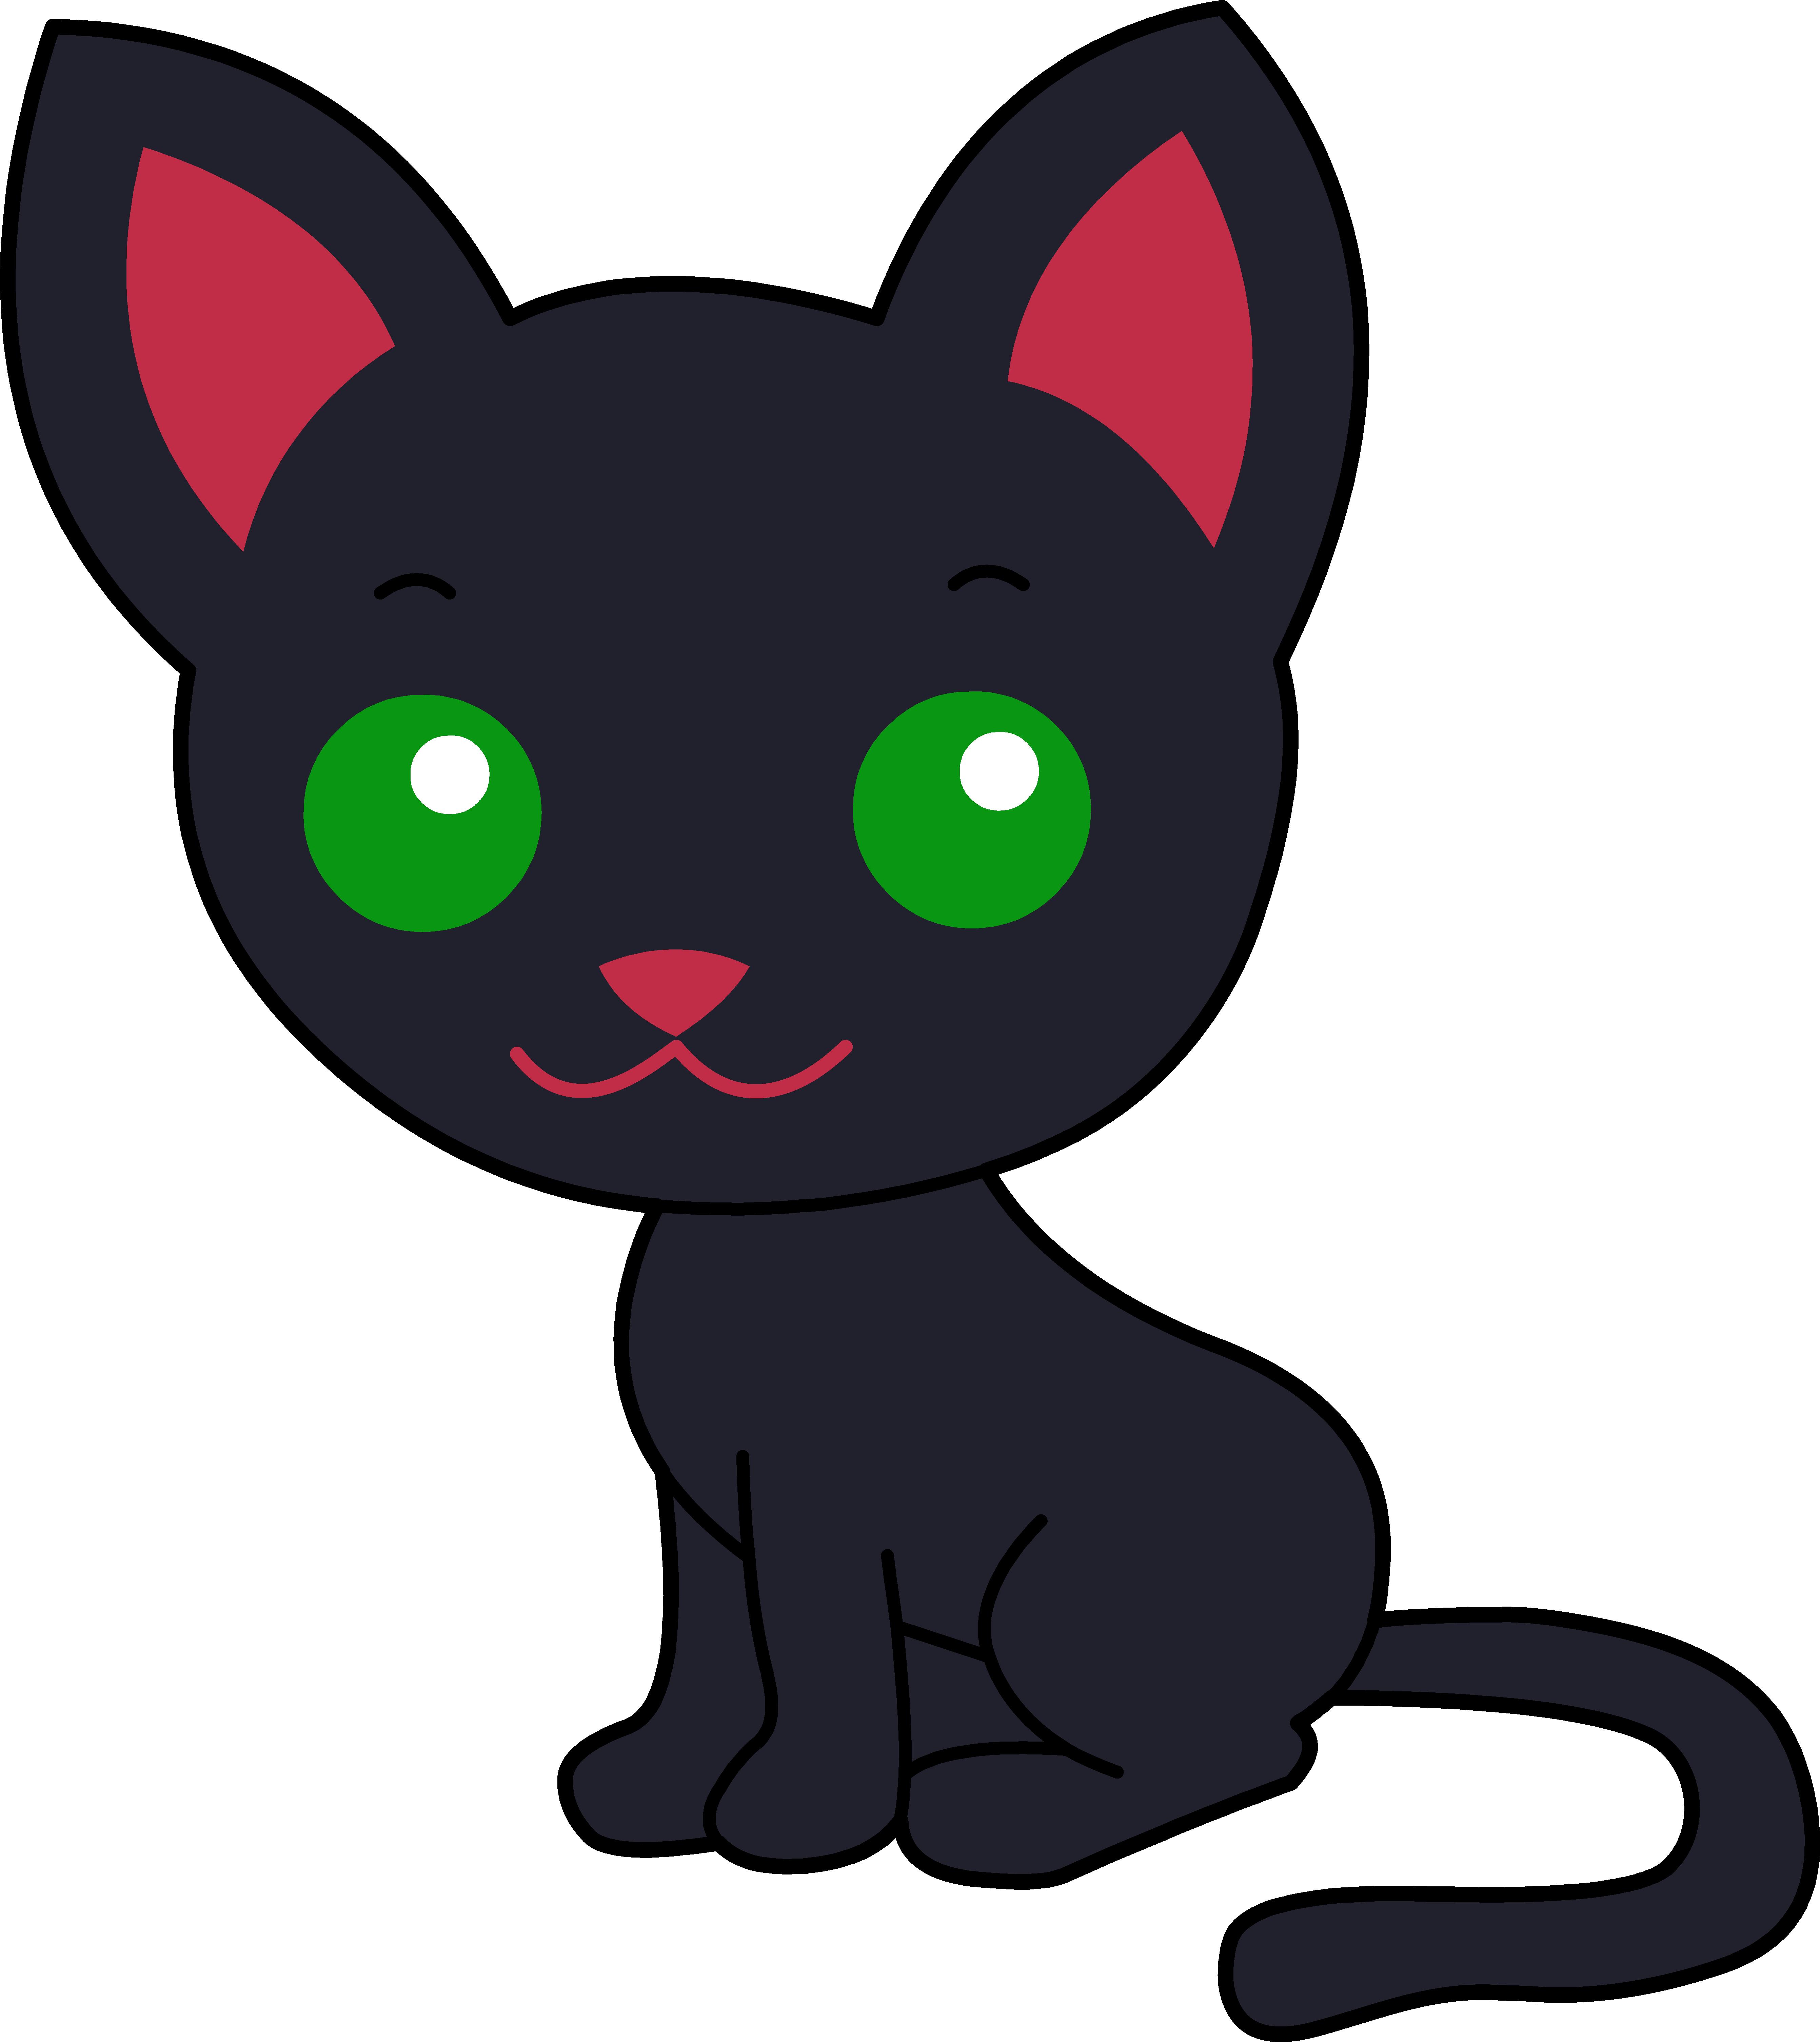 Cute Cat Clipart - ClipArt Best